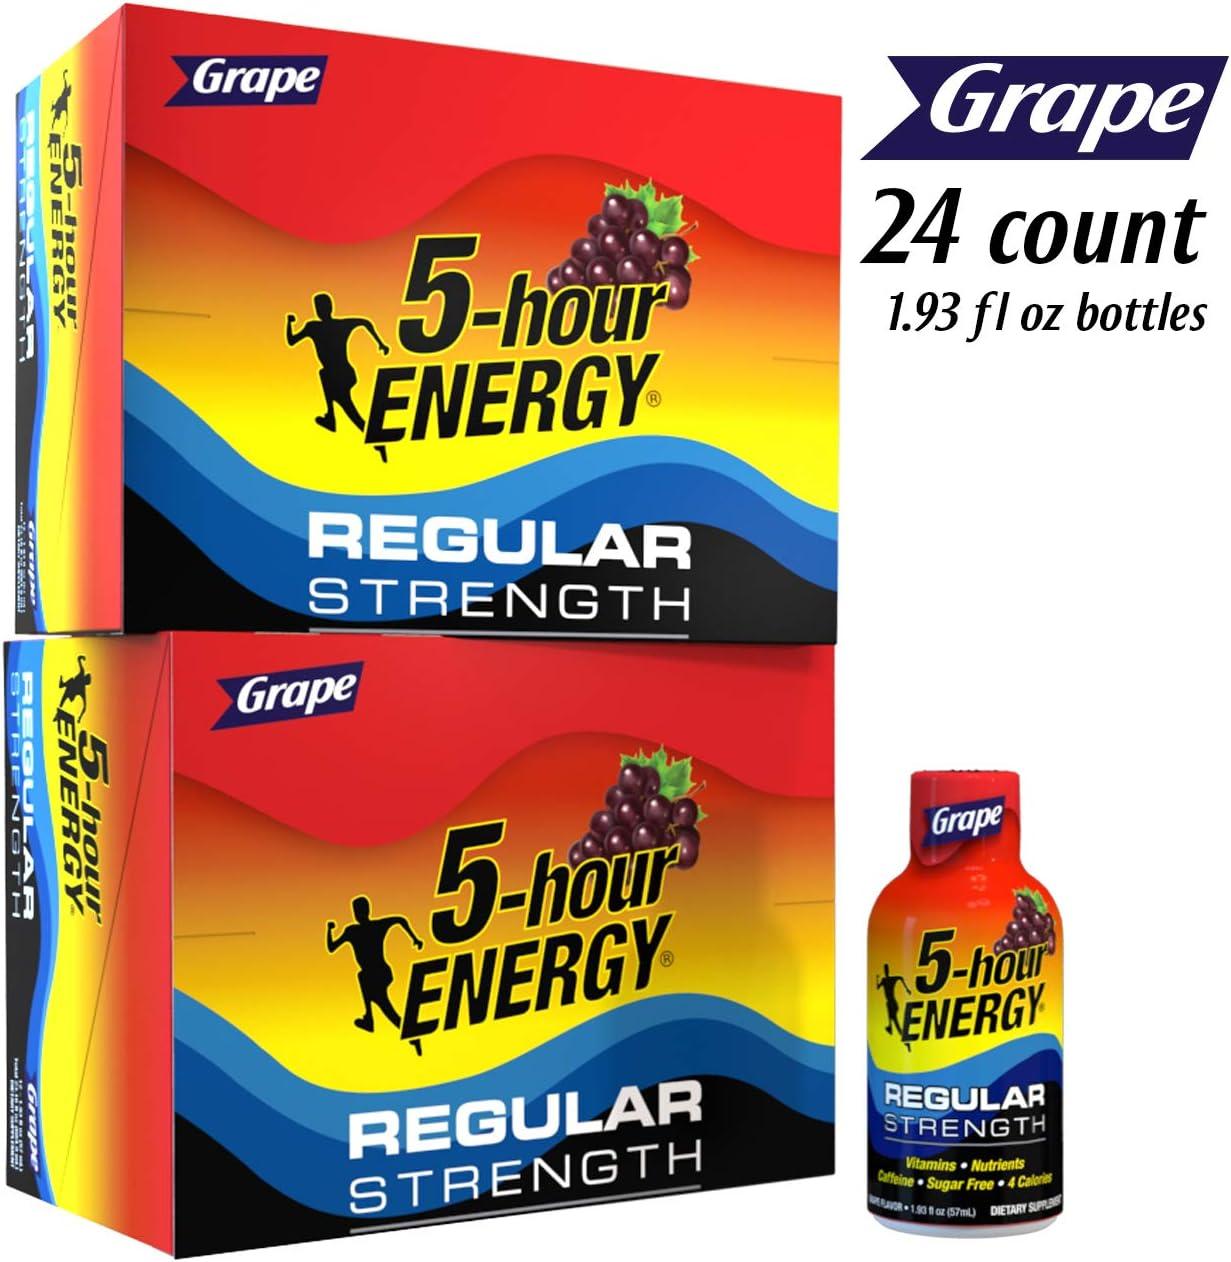 5-hour ENERGY Shot, Regular Strength Grape, 1.93 Ounce, 24 Count